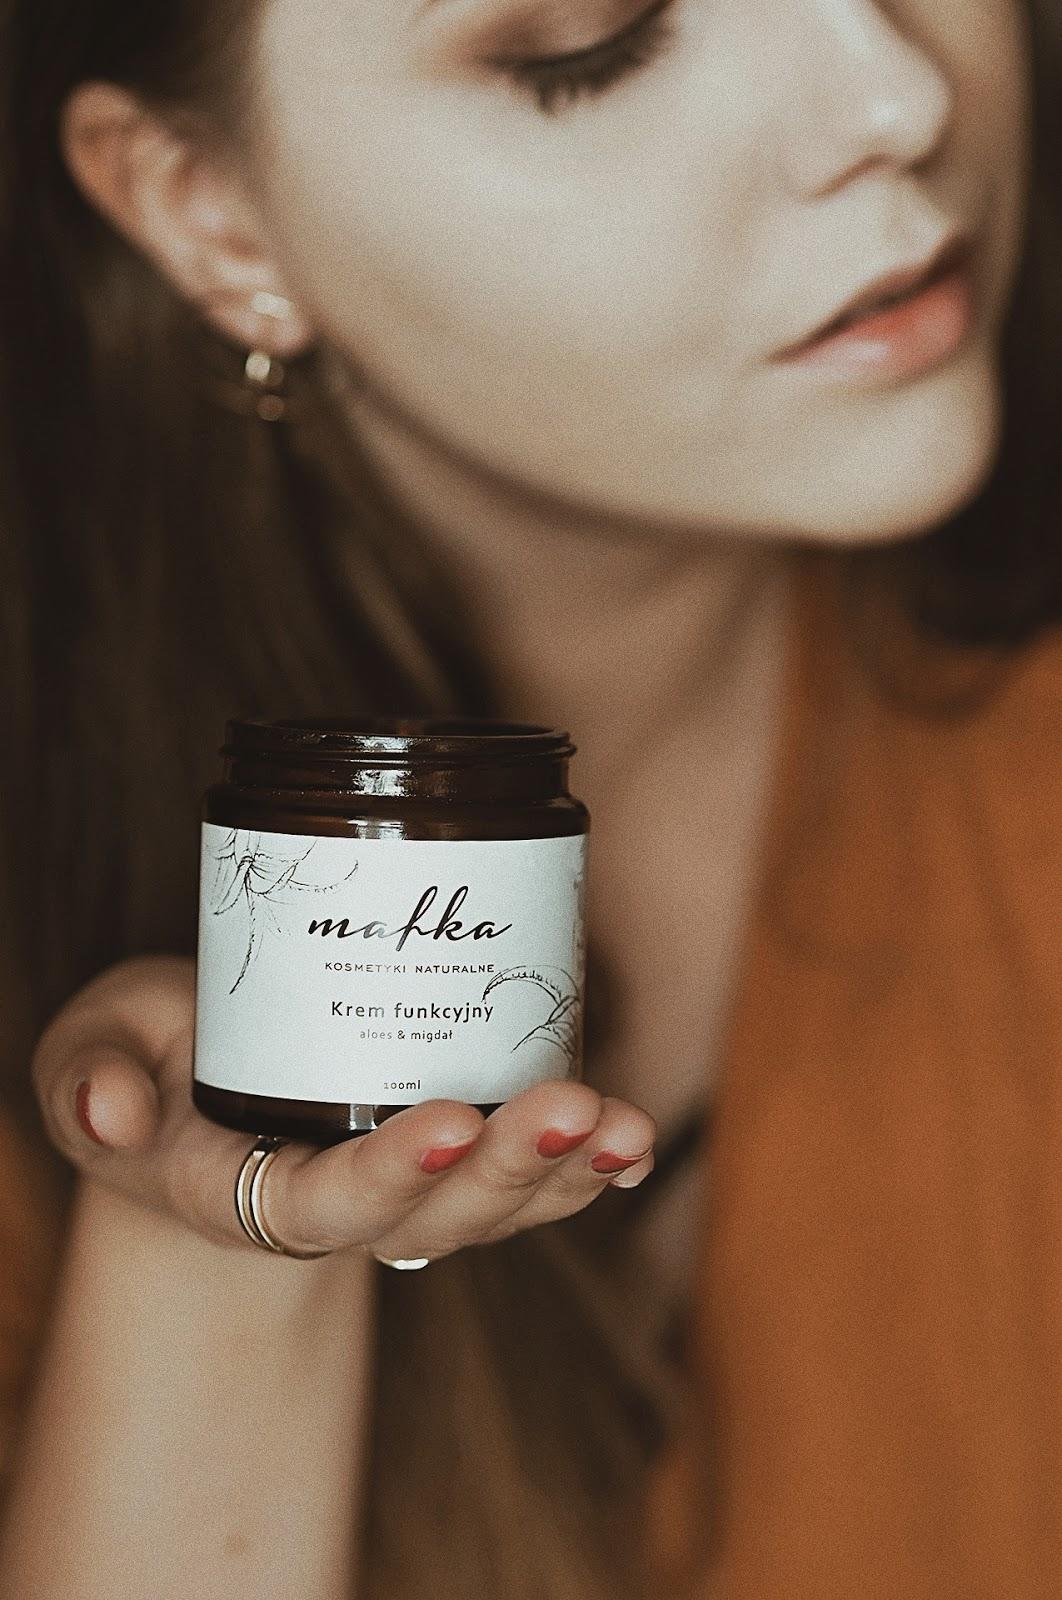 Naturalne kosmetyki z Polski, polskie marki, blog urodowy najlepsze blogi